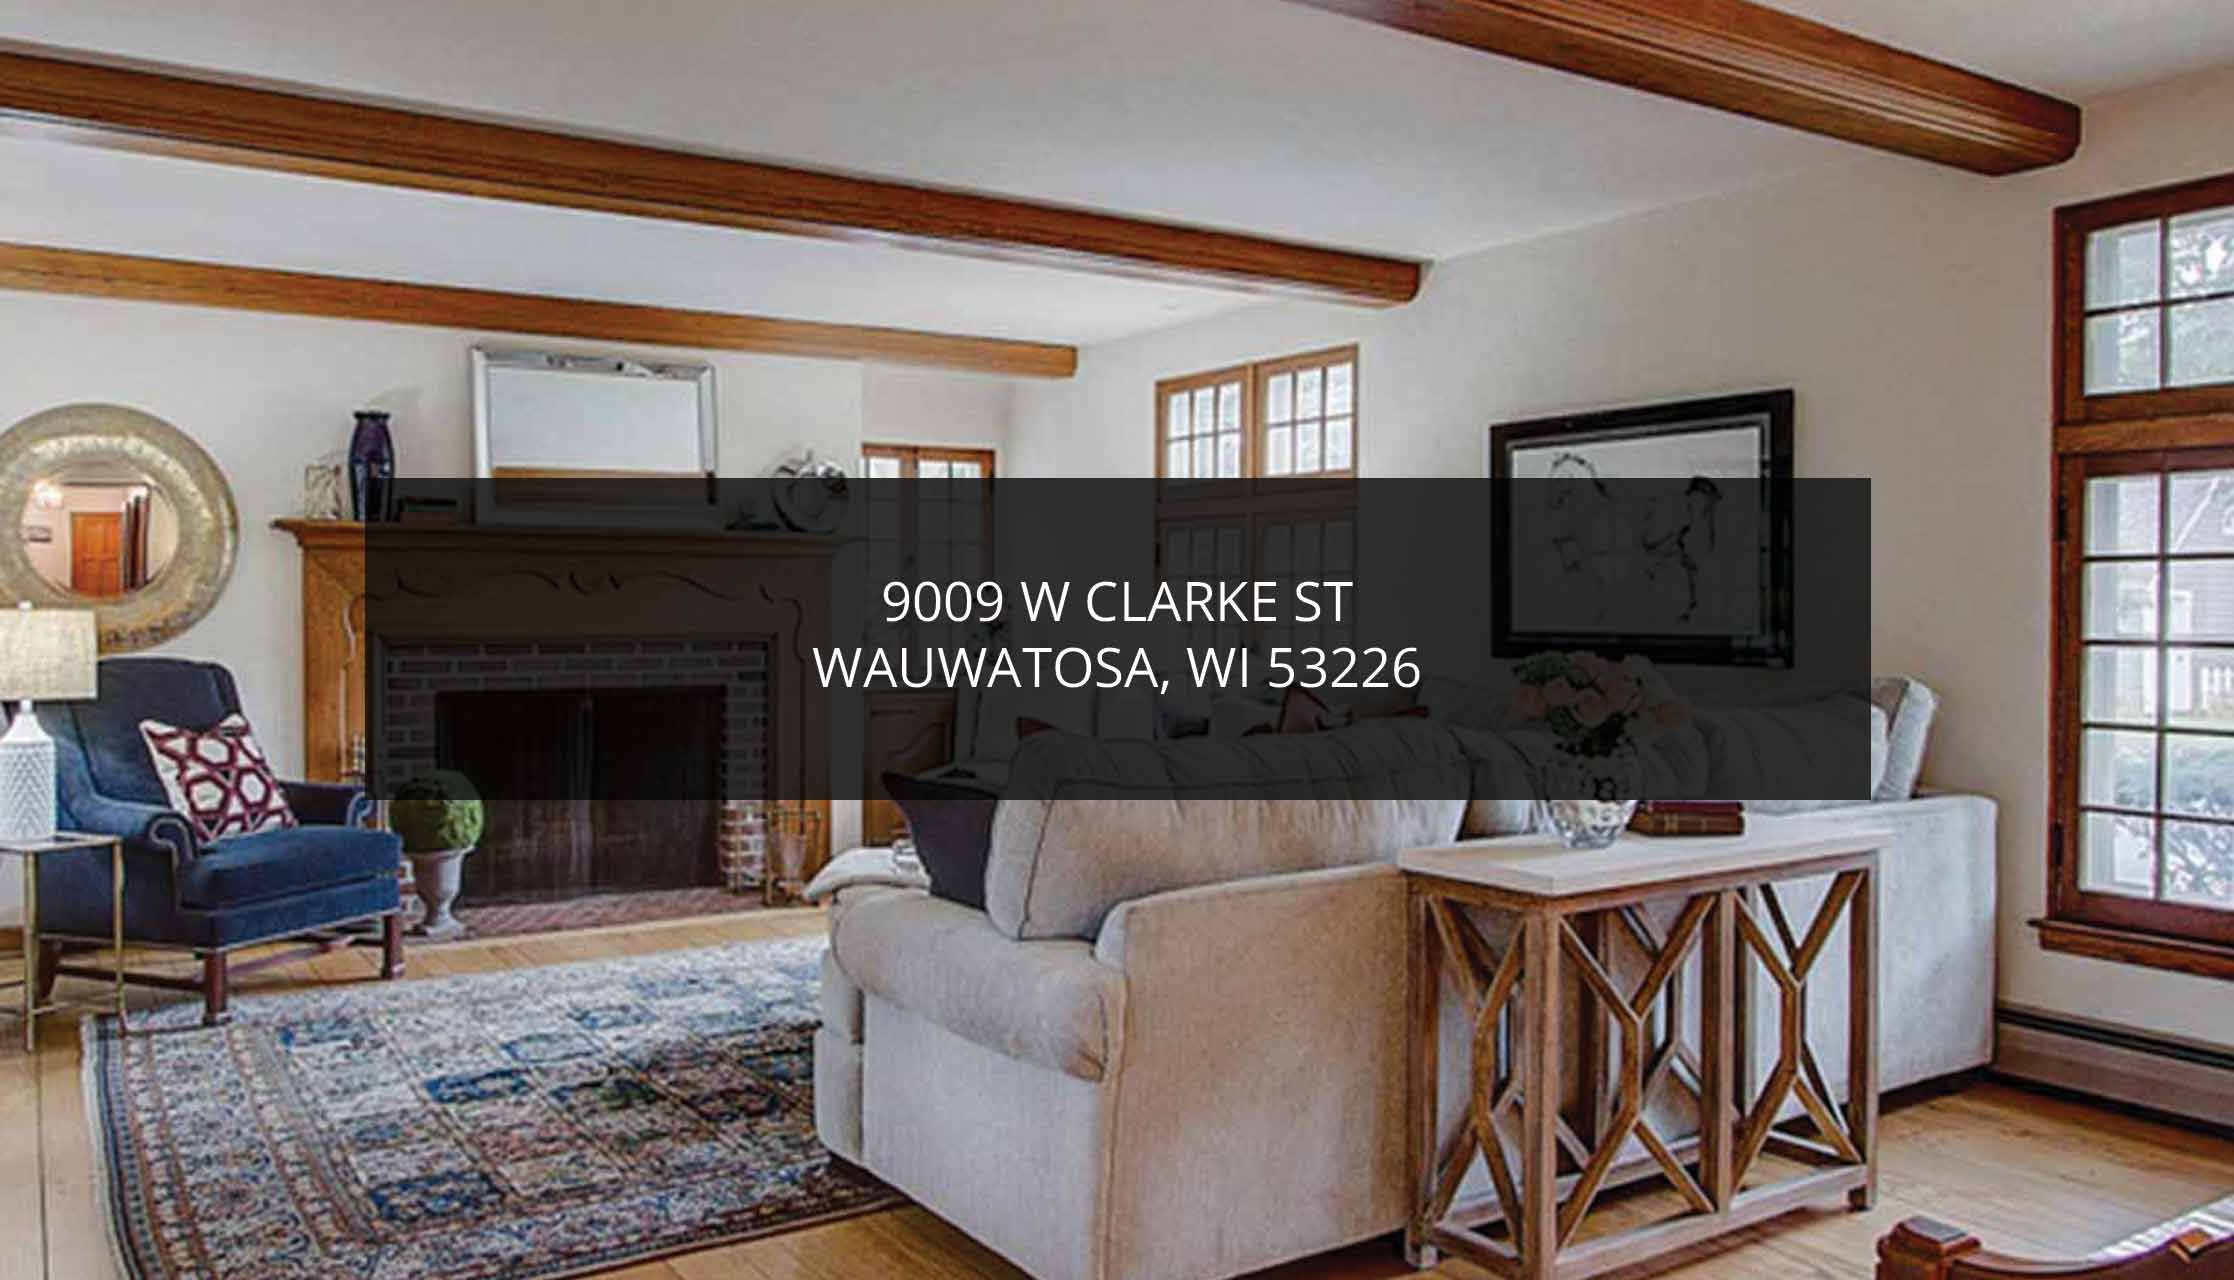 9009 W Clarke St | Double Boldt Real Estate